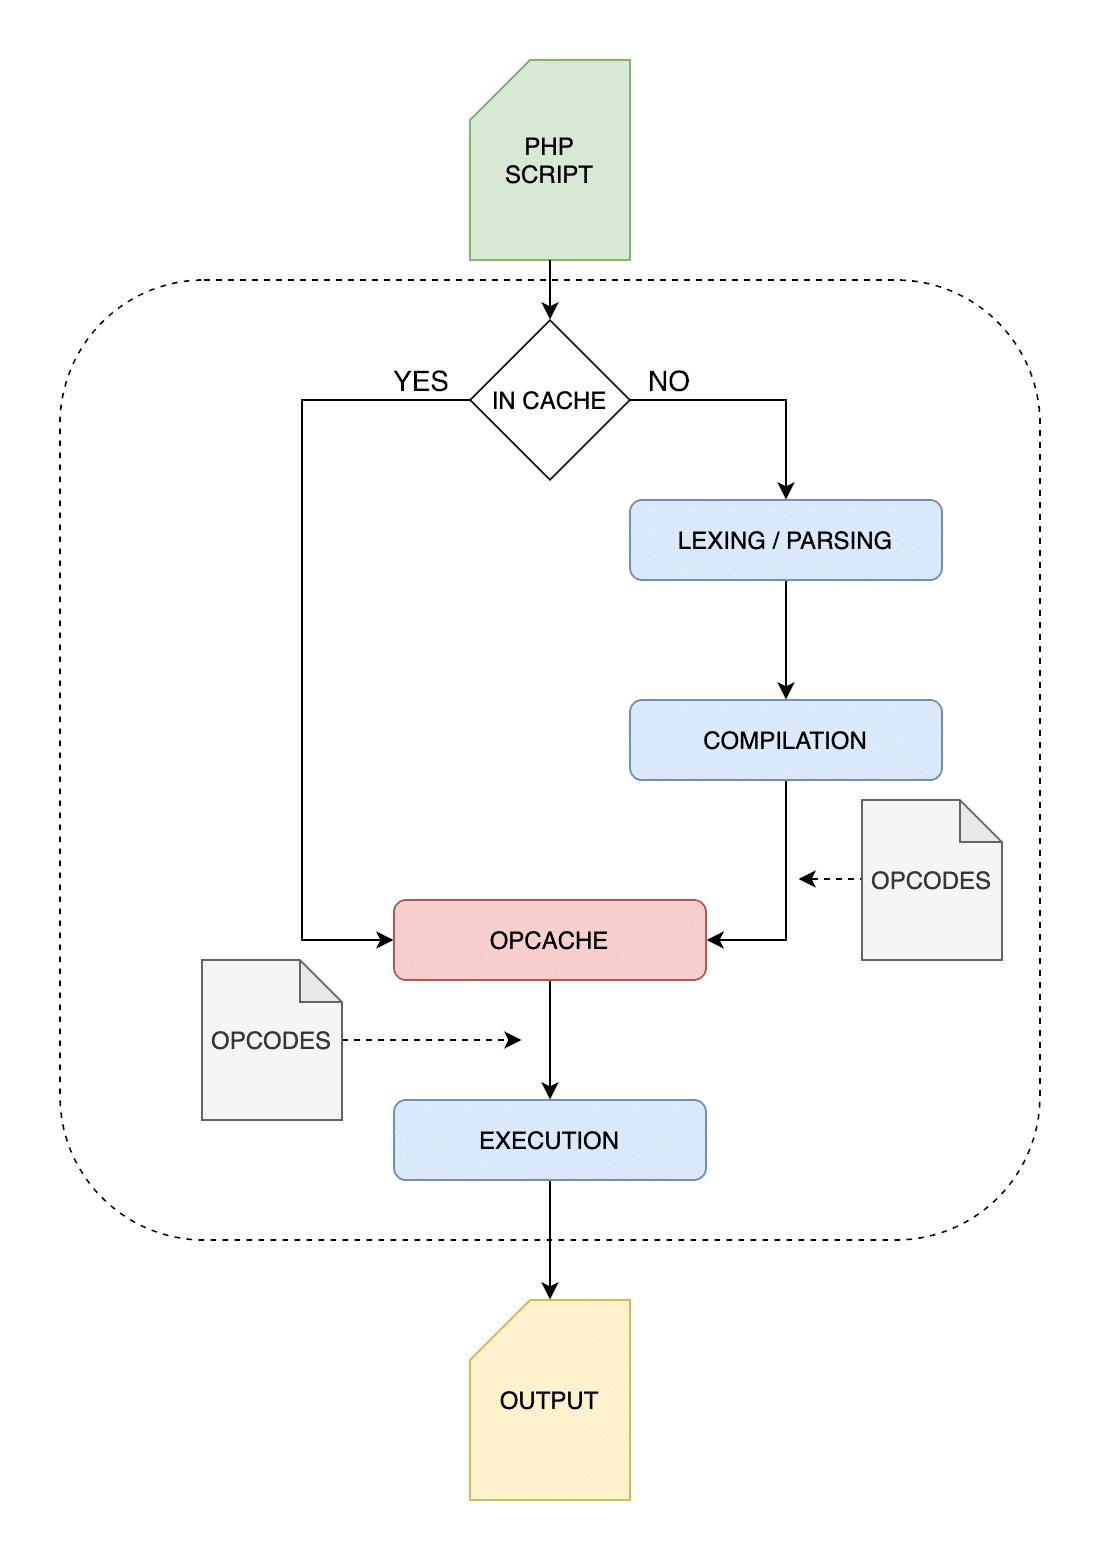 Het PHP uitvoeringsproces met OPcache ingeschakeld